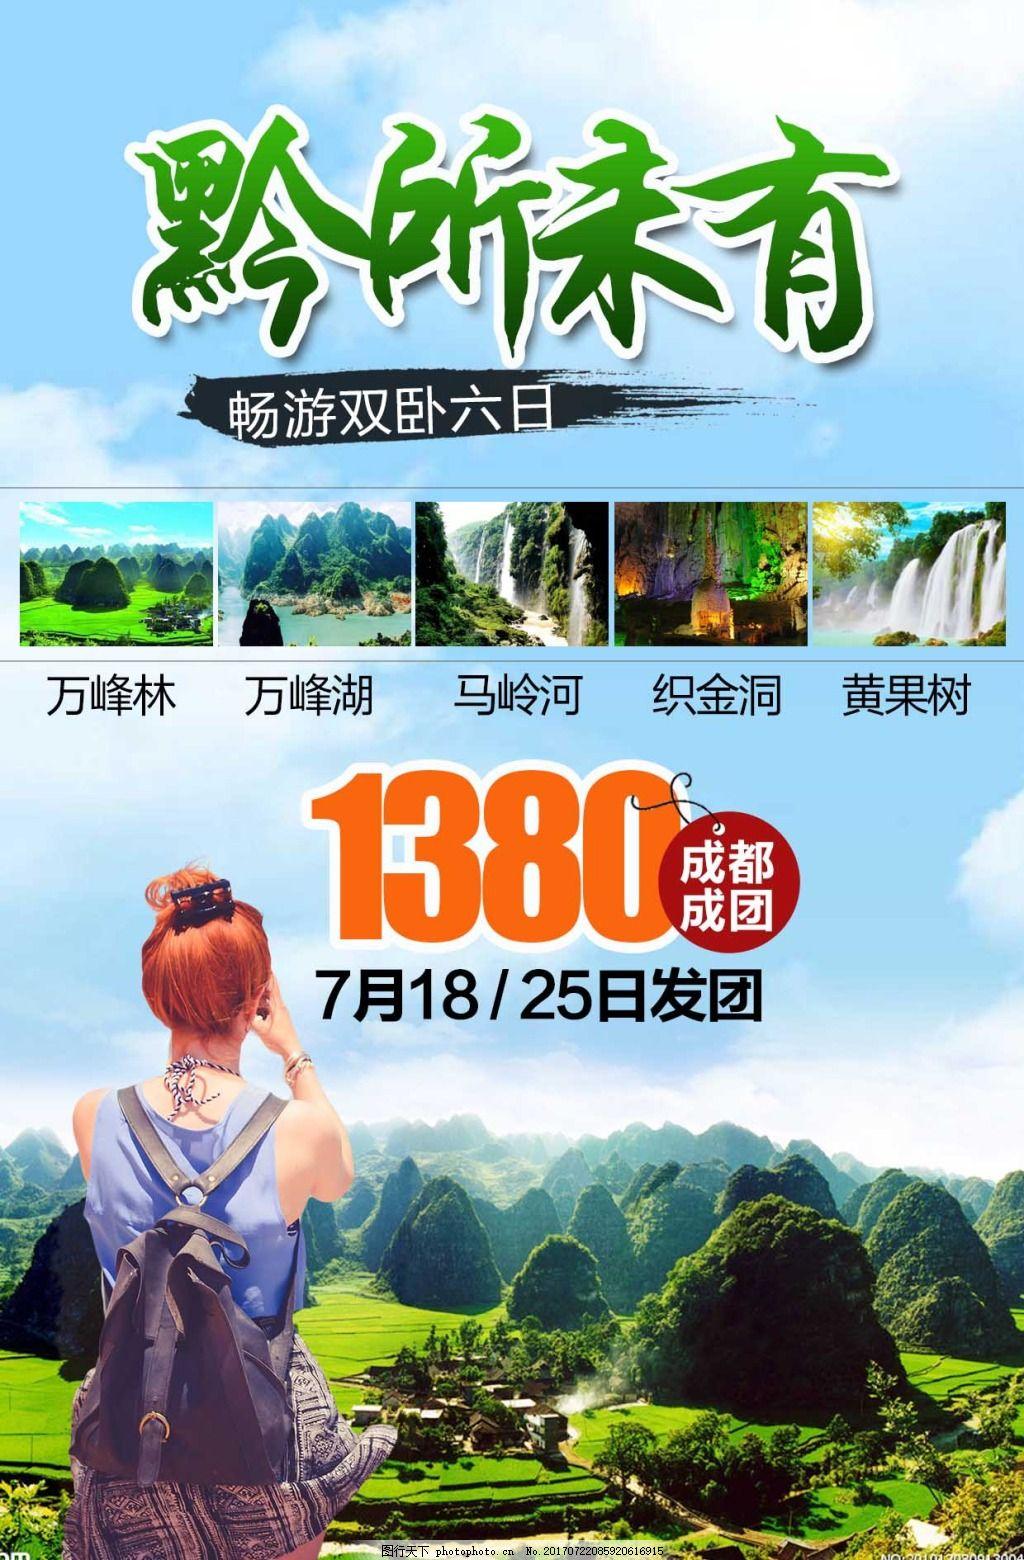 黔所未有畅玩双卧6日海报 旅游 贵州 黄果树 贵阳 旅行 展板